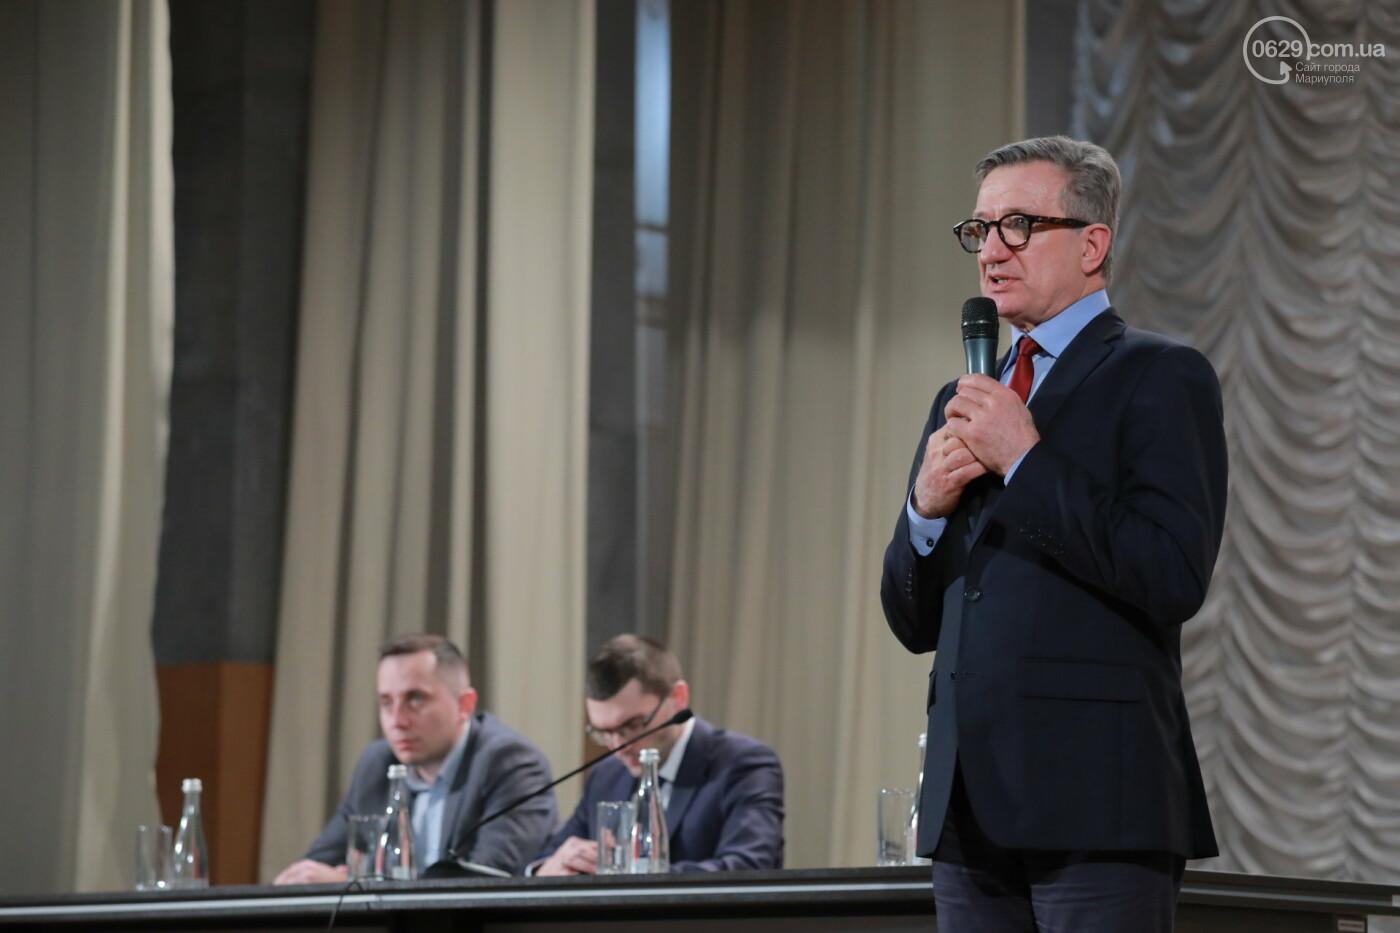 Кандидат в президенты Сергей Тарута начал свою официальную кампанию с визита в Мариуполь , фото-2